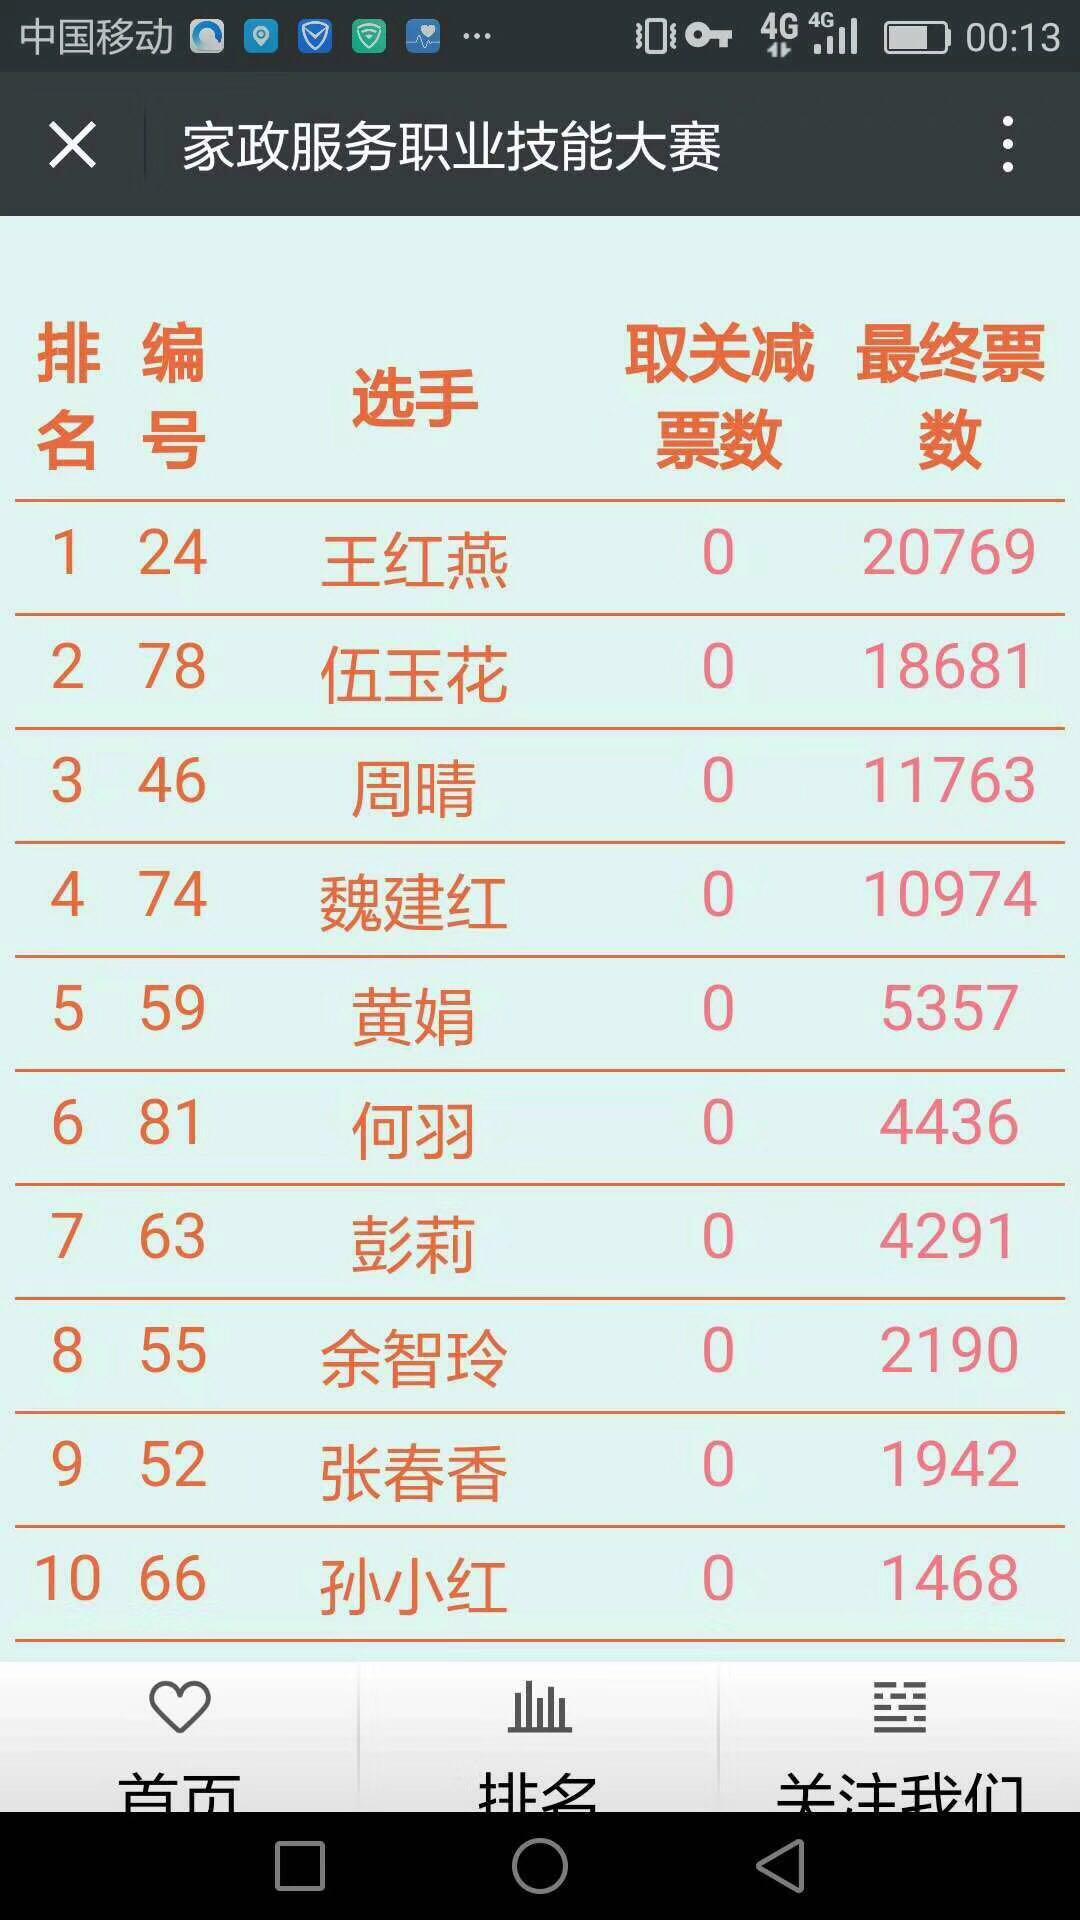 福彩3d玩法月嫂网络投票